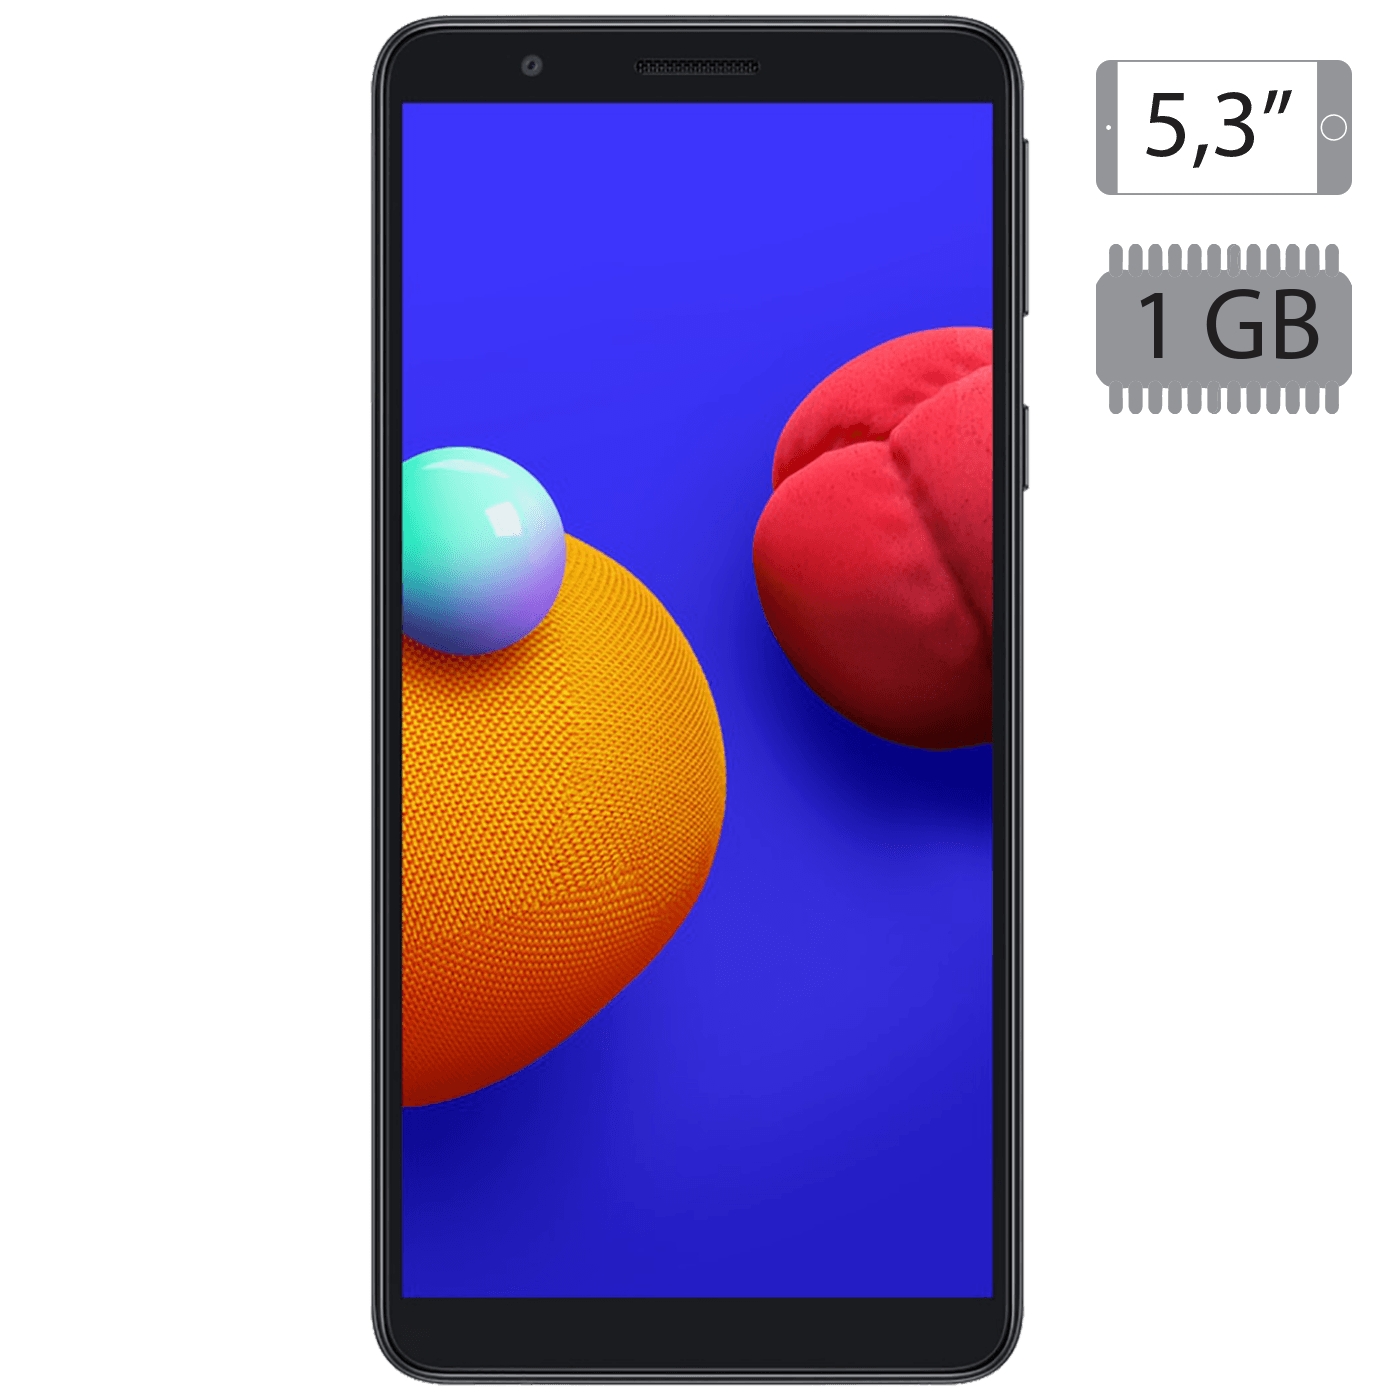 Smartphone 5.3